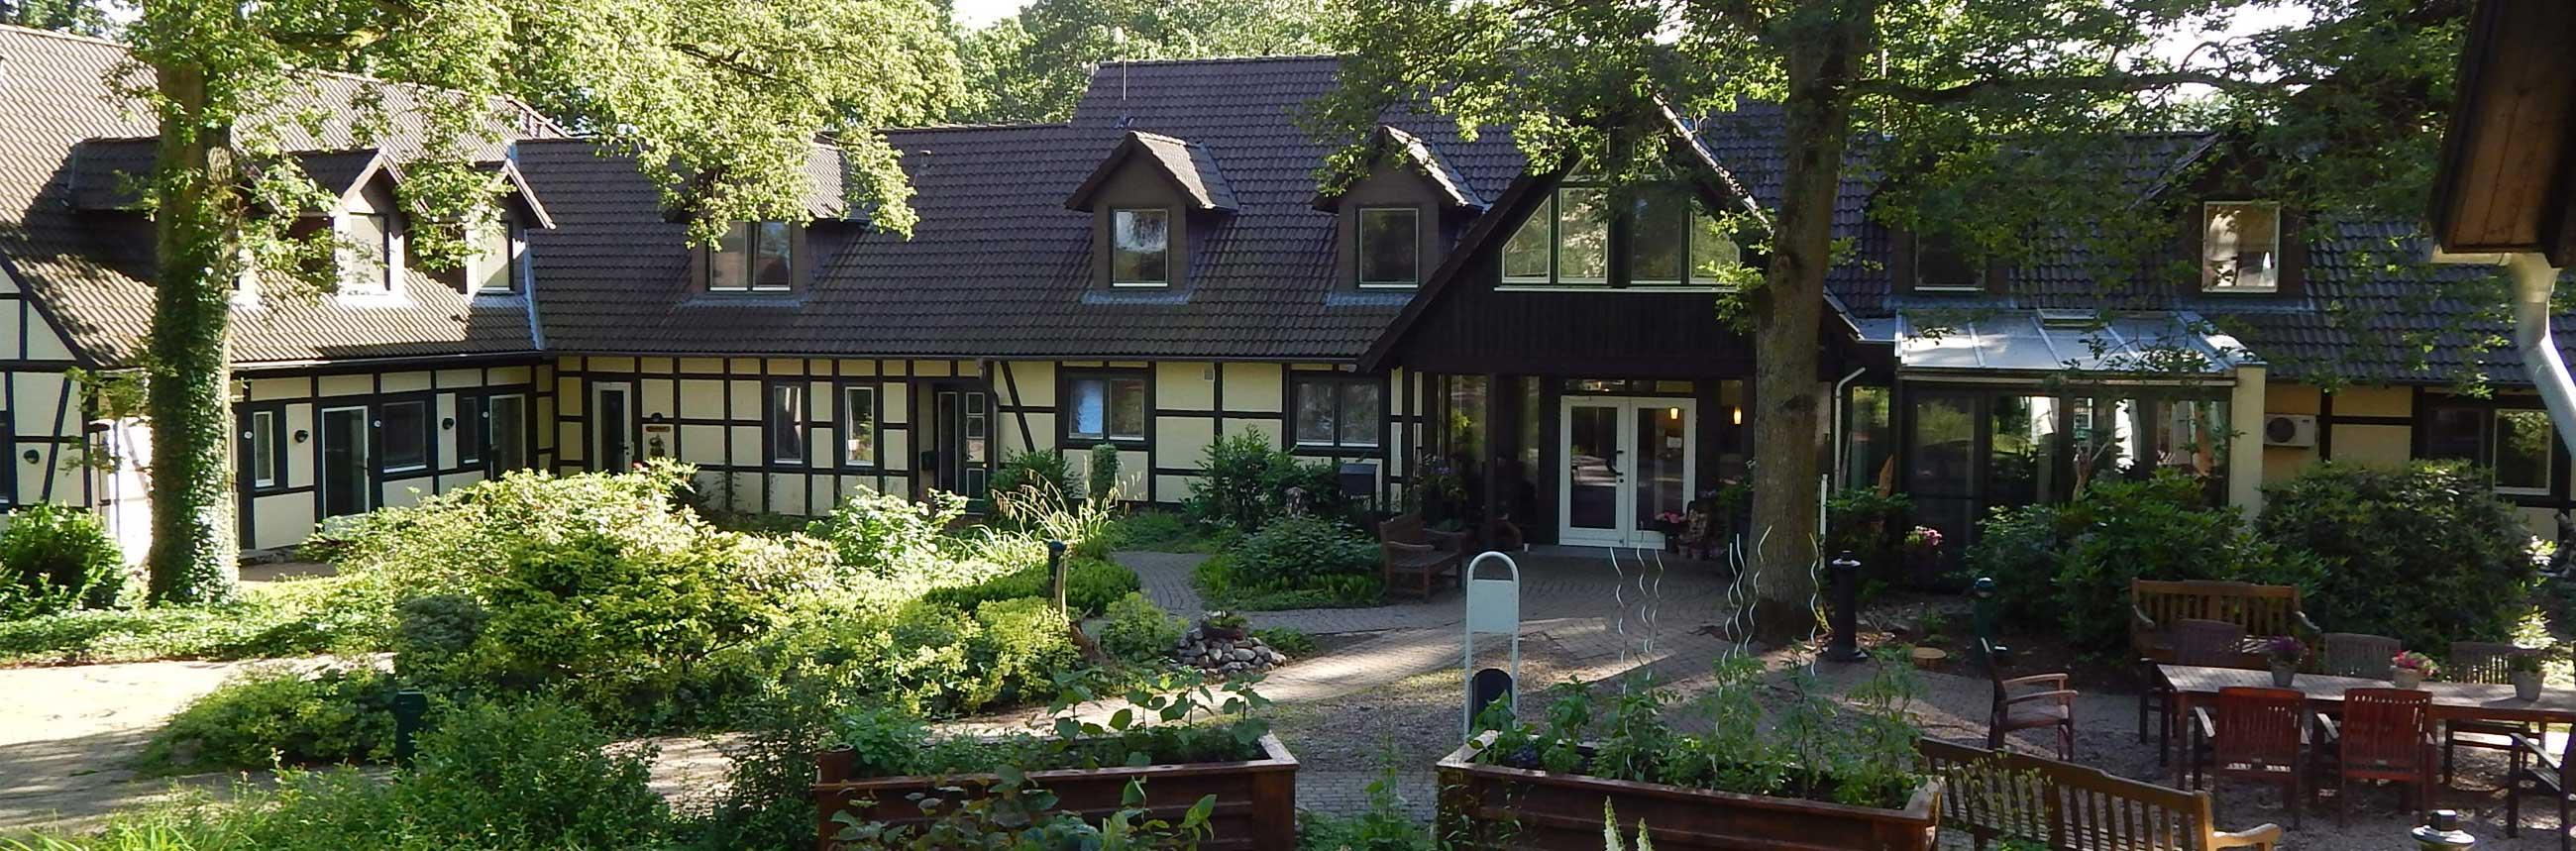 Willkommen auf dem Ellernhof